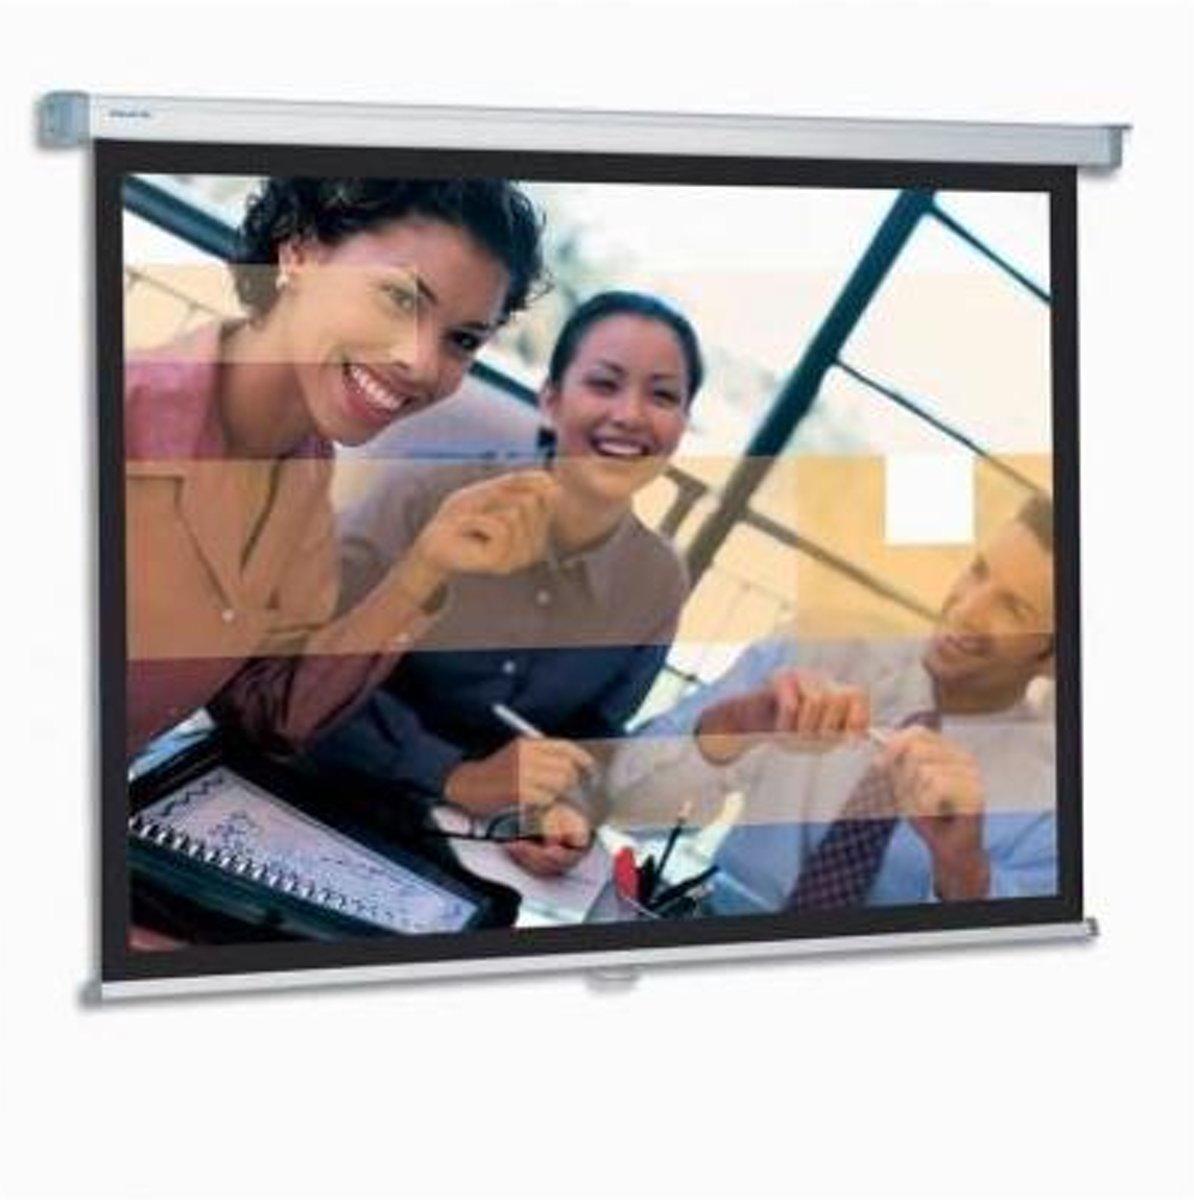 Projecta Slimscreen Projectiescherm 138x180 kopen